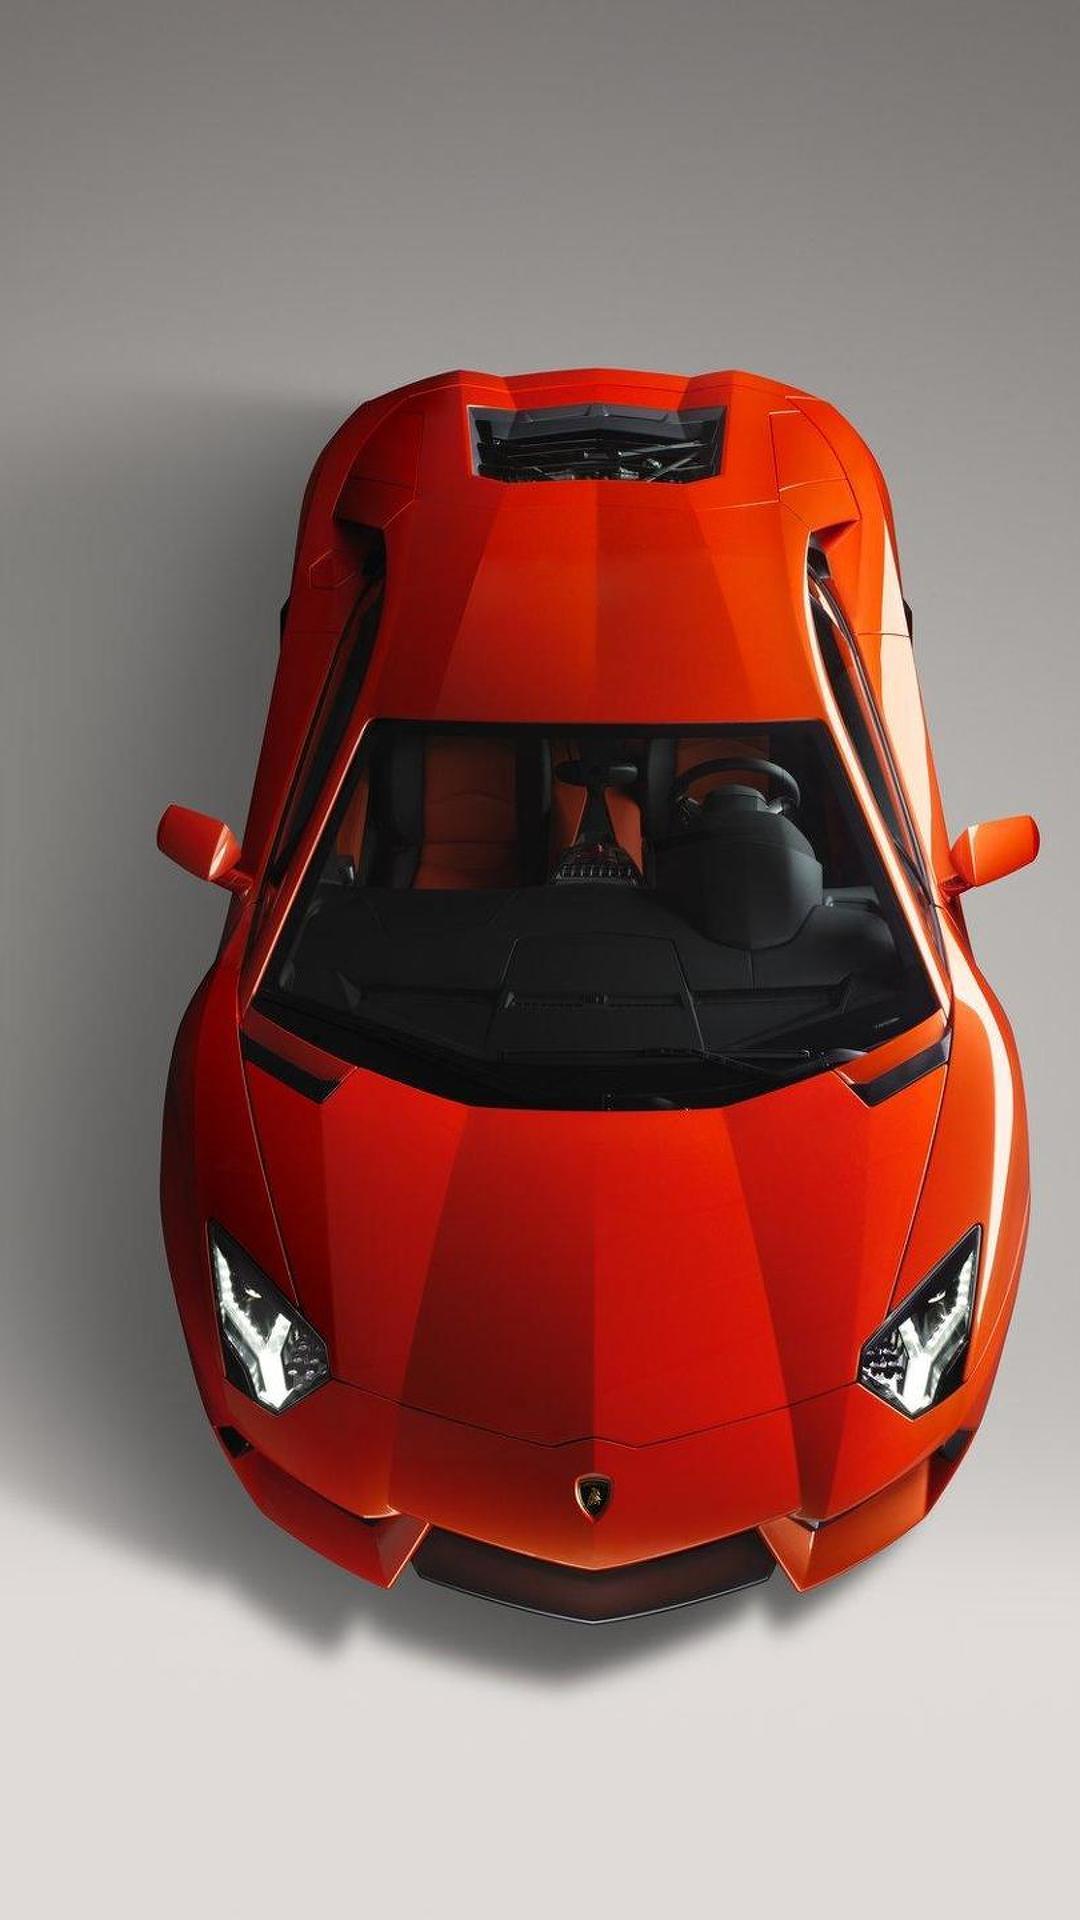 Lamborghini Aventador LP 700-4 New promo film released [video]